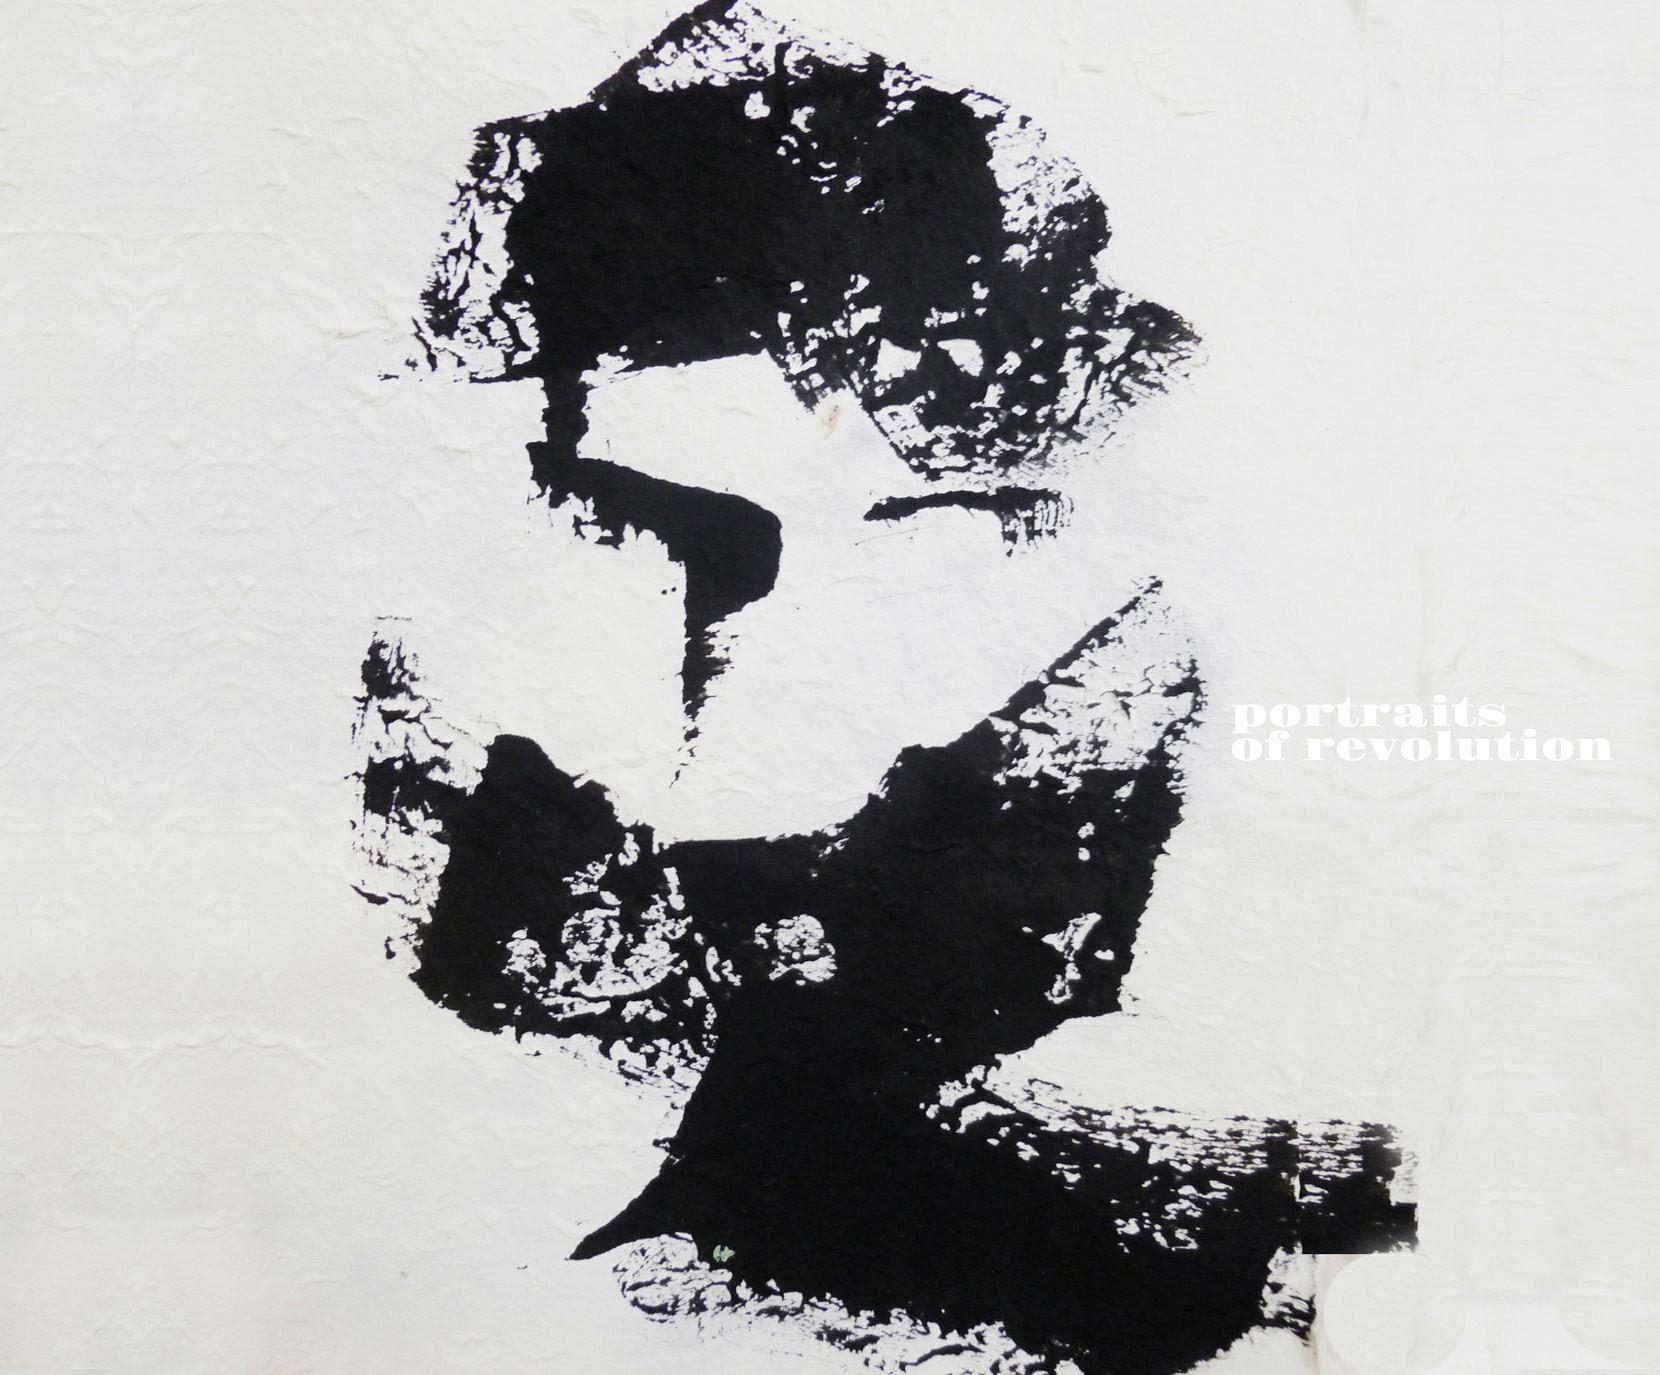 Silvio-Cocco-Faces-Revolutions-Art-Design